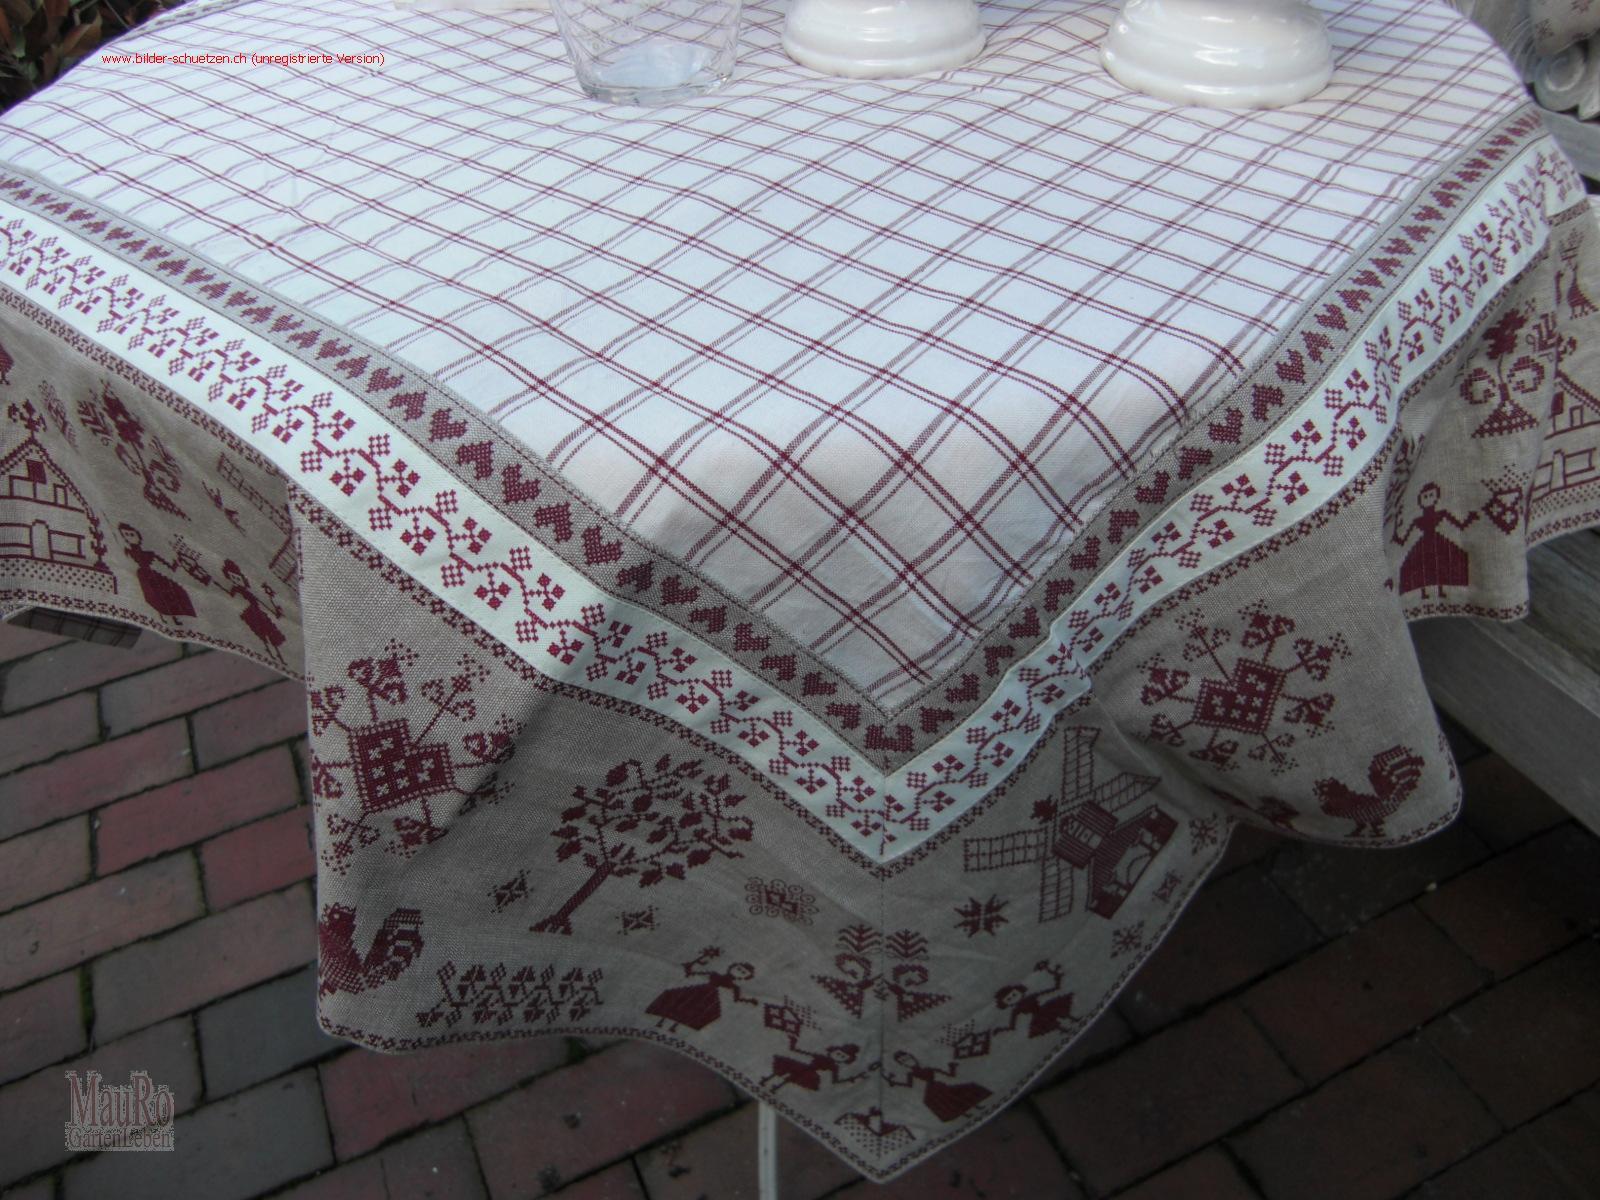 tischdecke broderie de la campagne 100 100 cm mauro gartenleben. Black Bedroom Furniture Sets. Home Design Ideas